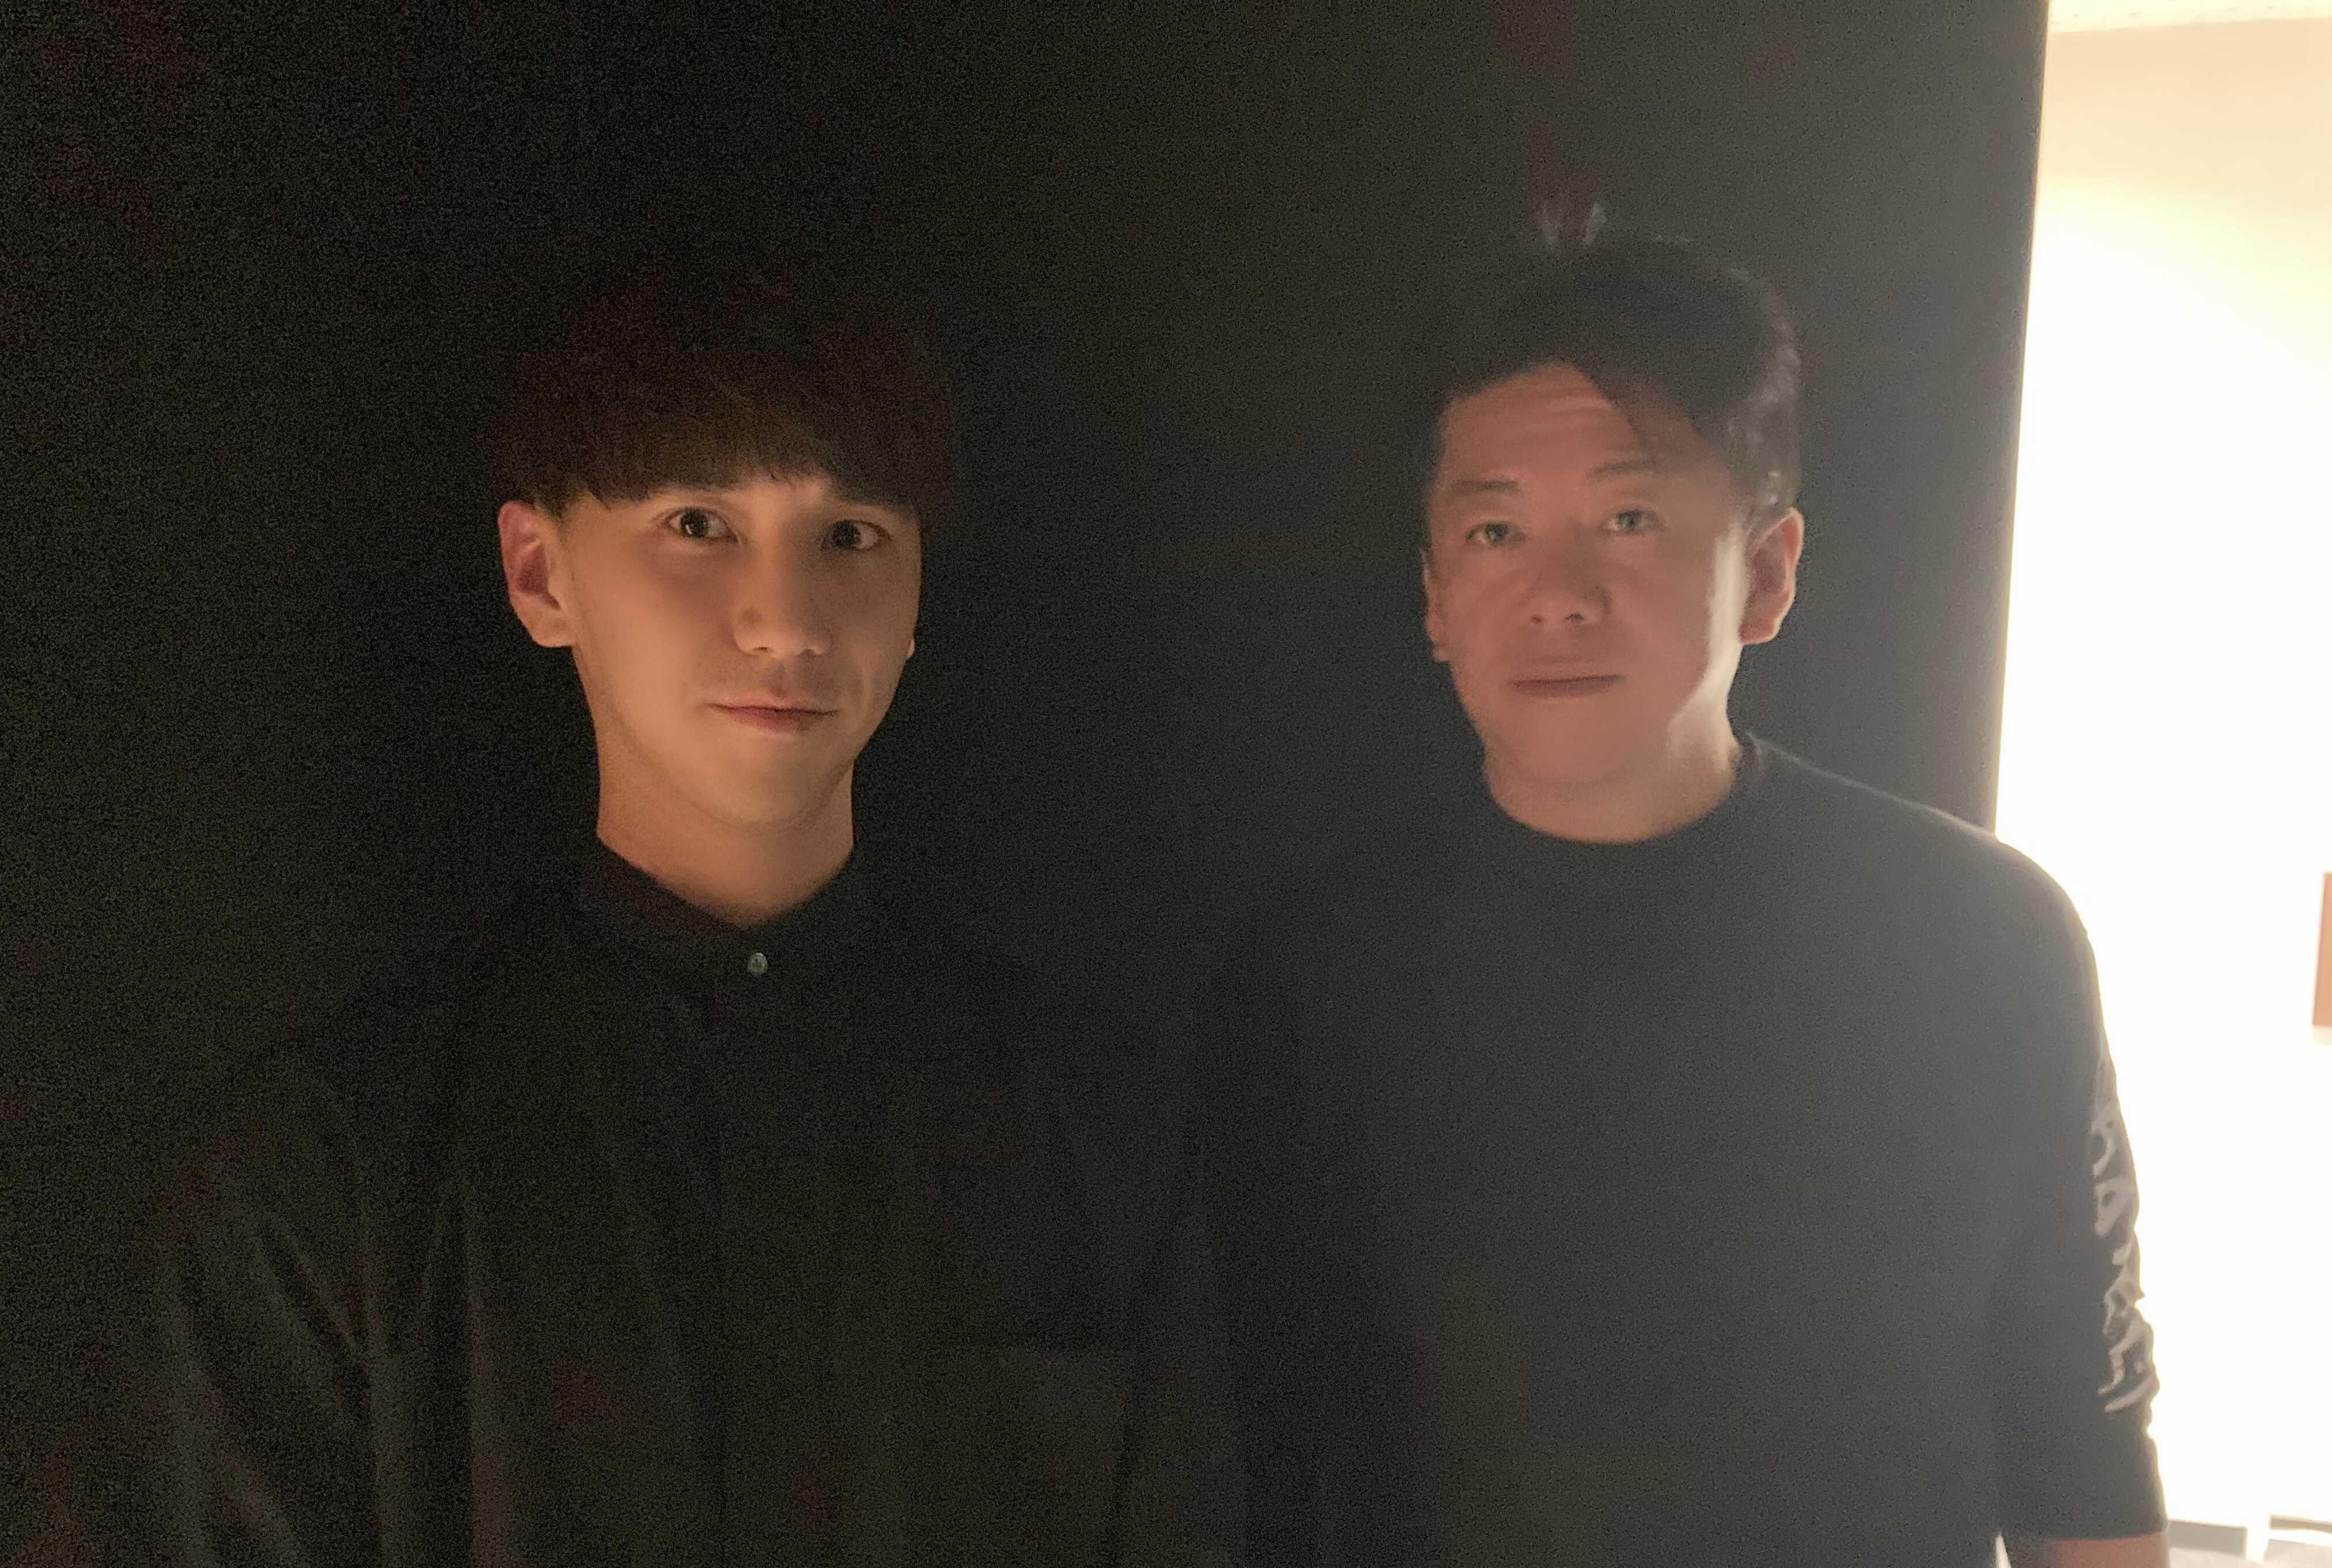 堀江貴文さん主宰オンラインサロン『HIU』のイベントにcomelのごはんのお供選手権を行いました。